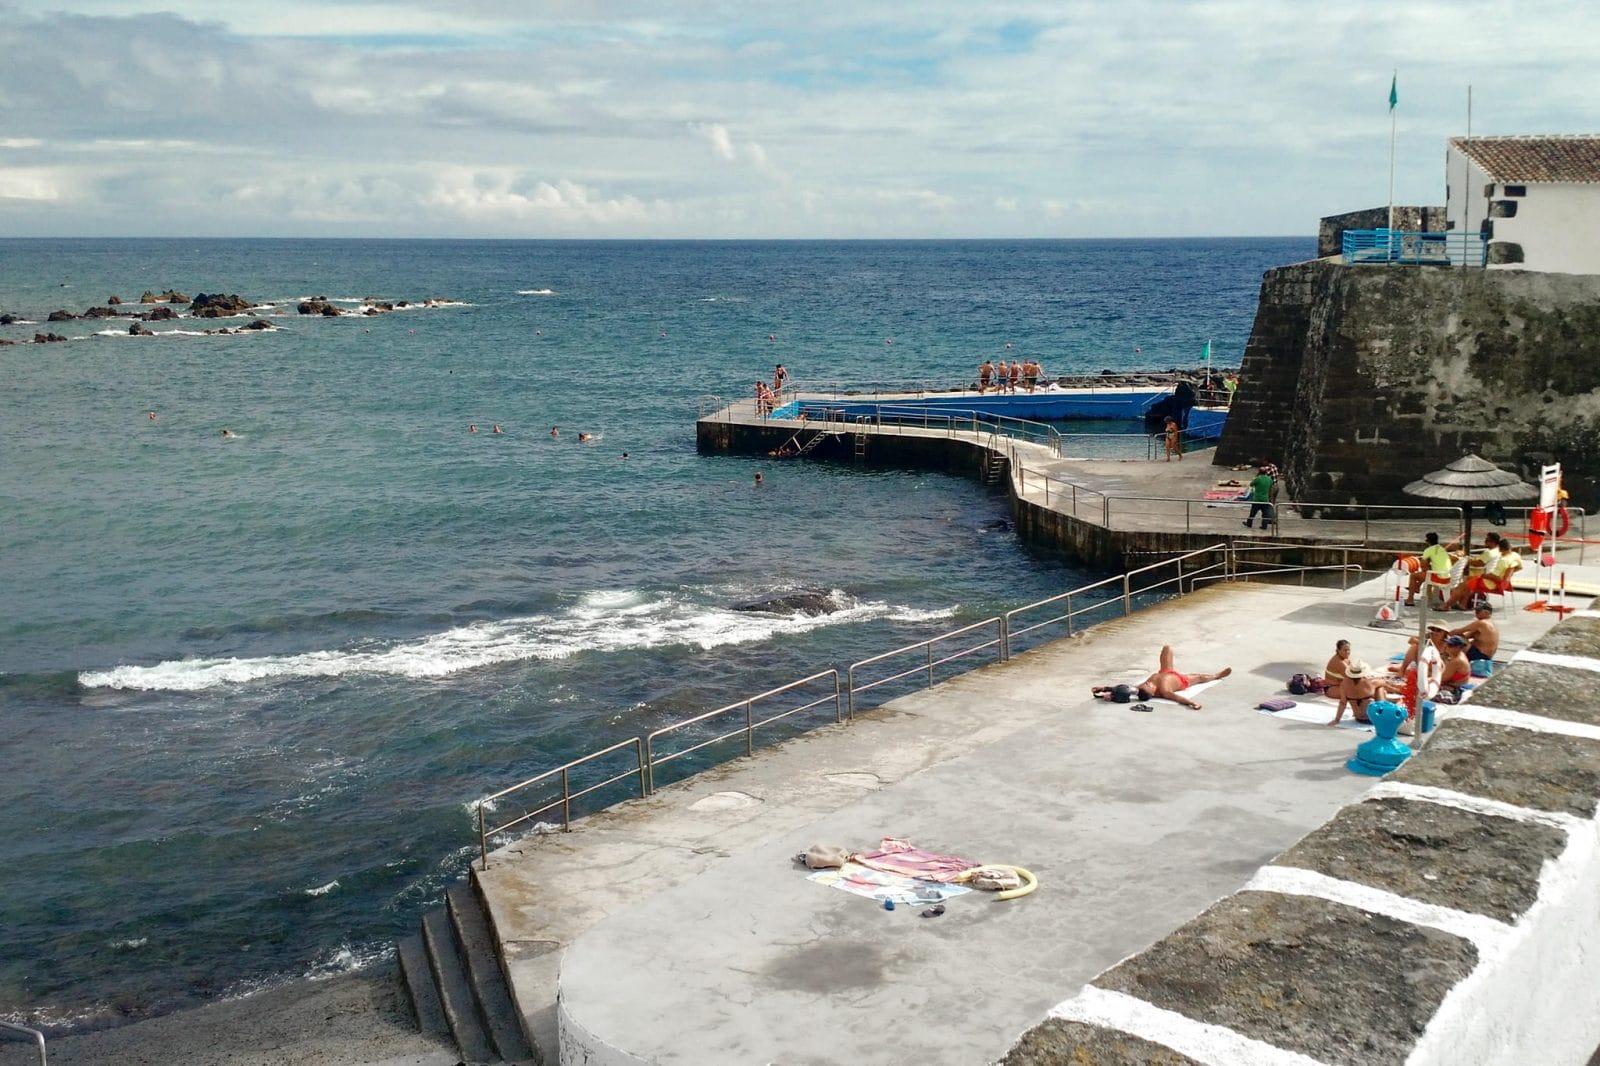 Форт и купальный комплекс Negrito (фото: Diamantino Martins)